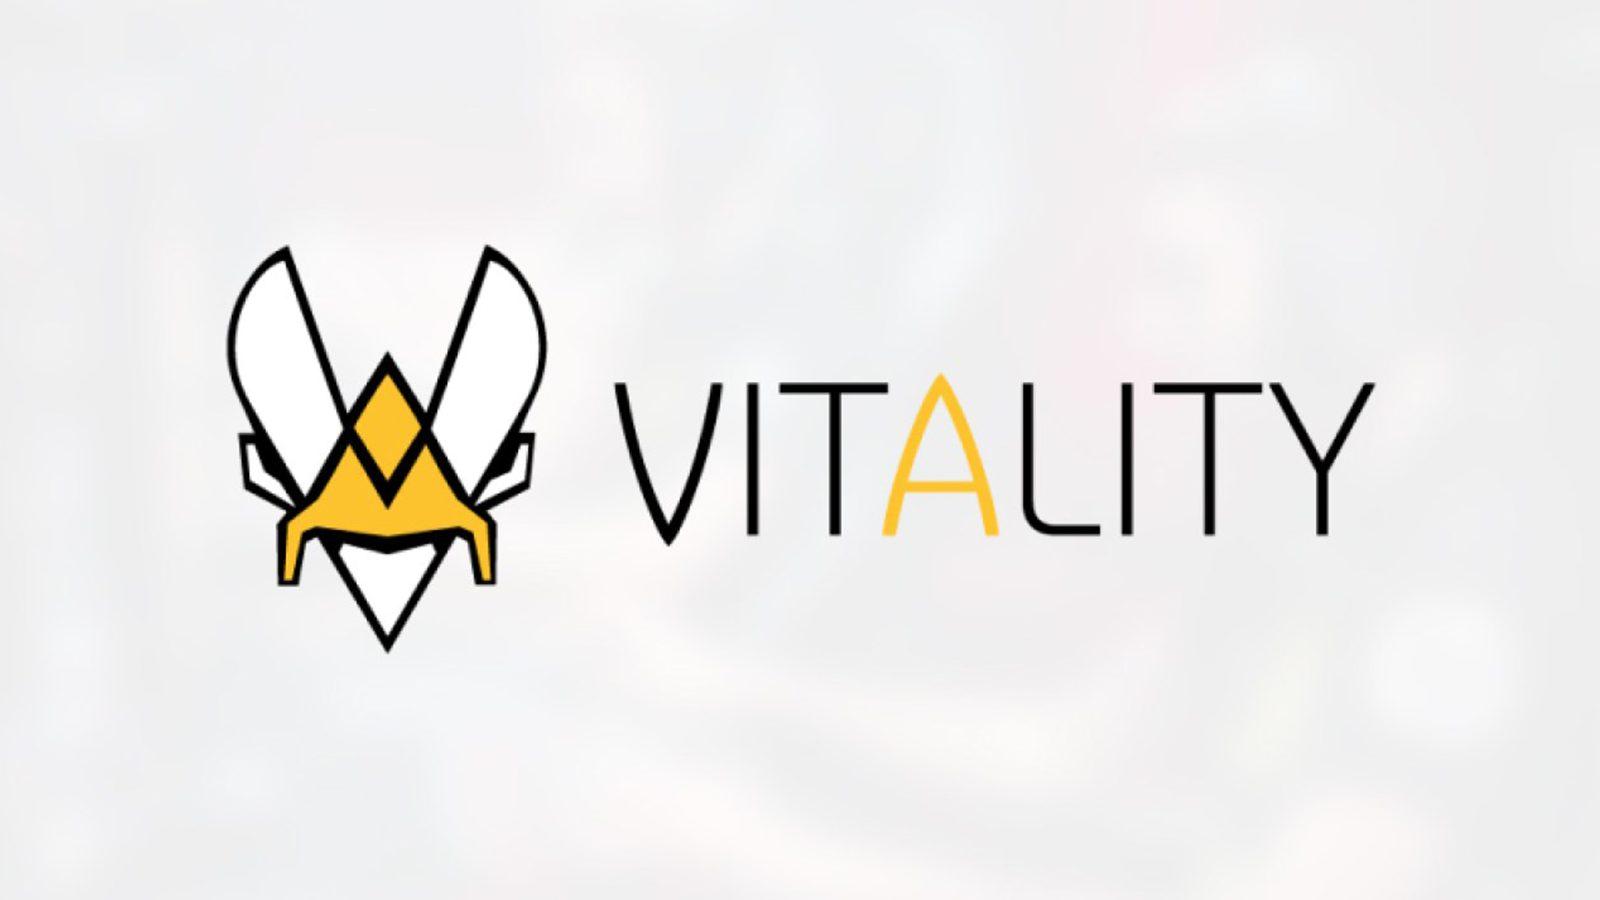 Vitality annonce une levée de fonds de 14 millions d'euros